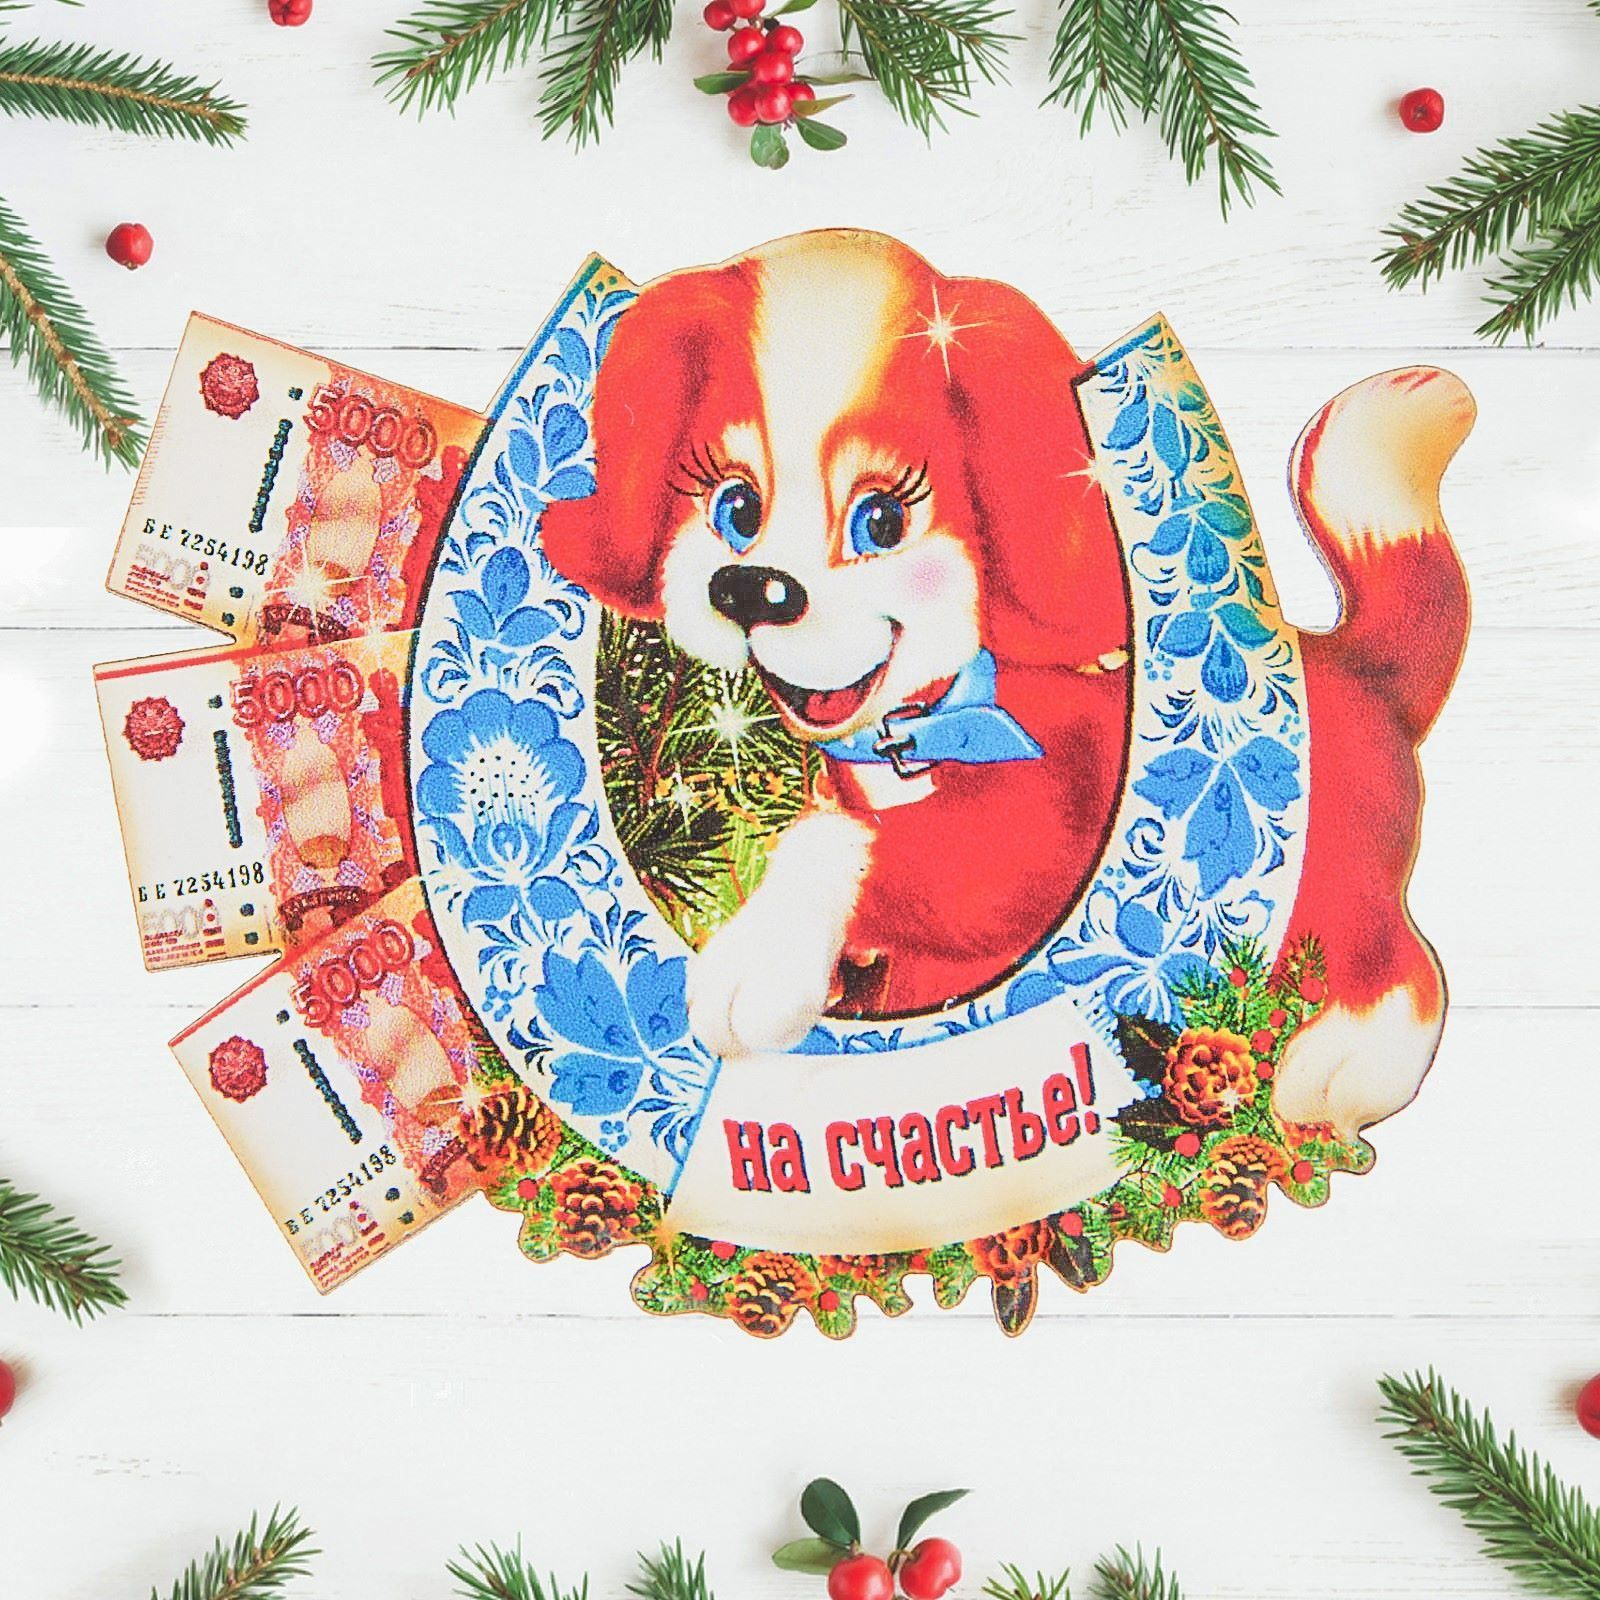 Магнит Sima-land На счастье. Подкова и деньги, 8 х 7 см2460283Порадуйте родных и близких оригинальным сувениром: преподнесите в подарок магнит. С ним даже самый серьёзный человек почувствует себя ребёнком, ожидающим чудо! Создайте праздничное настроение, и оно останется с вами на весь год.